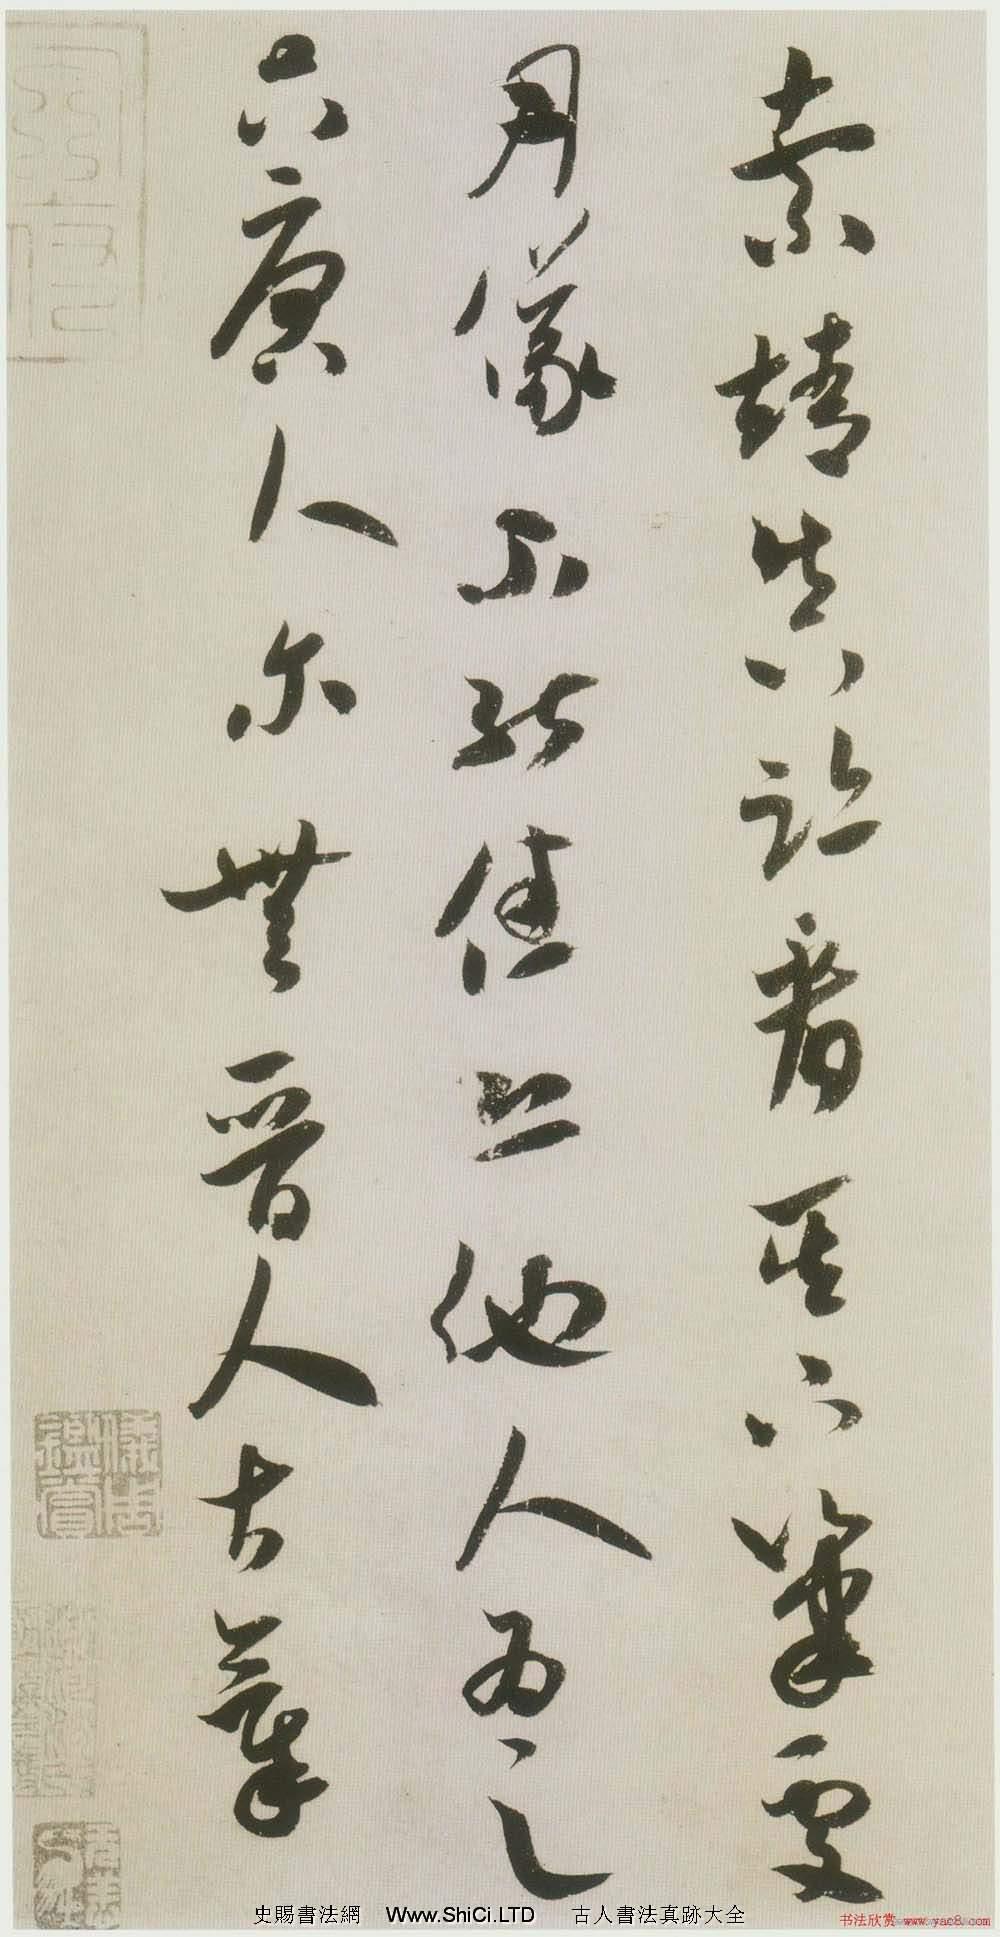 米芾草書《吾友帖》藝術賞析(大圖)